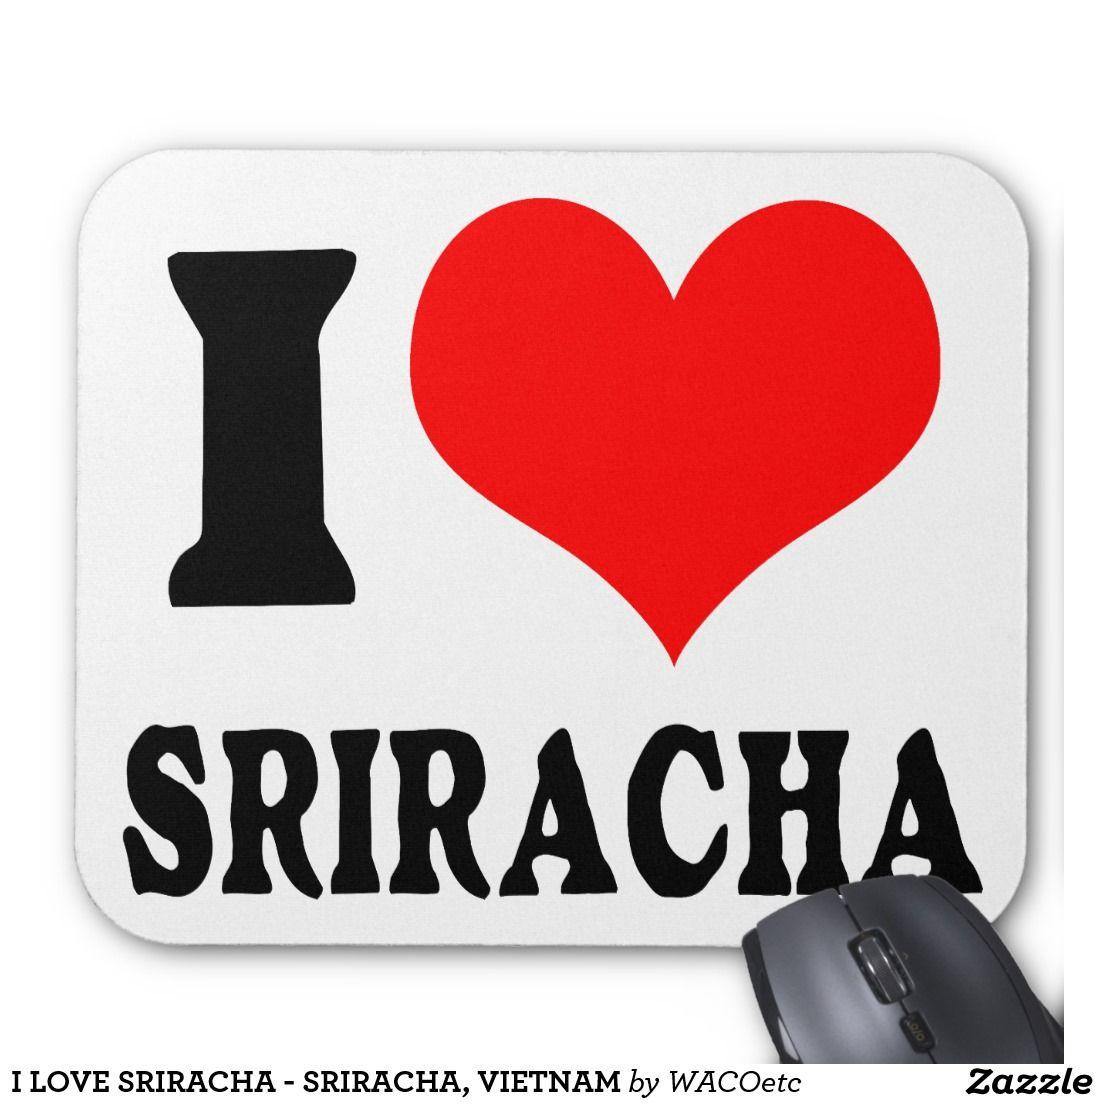 I LOVE SRIRACHA - SRIRACHA, VIETNAM MOUSE PAD